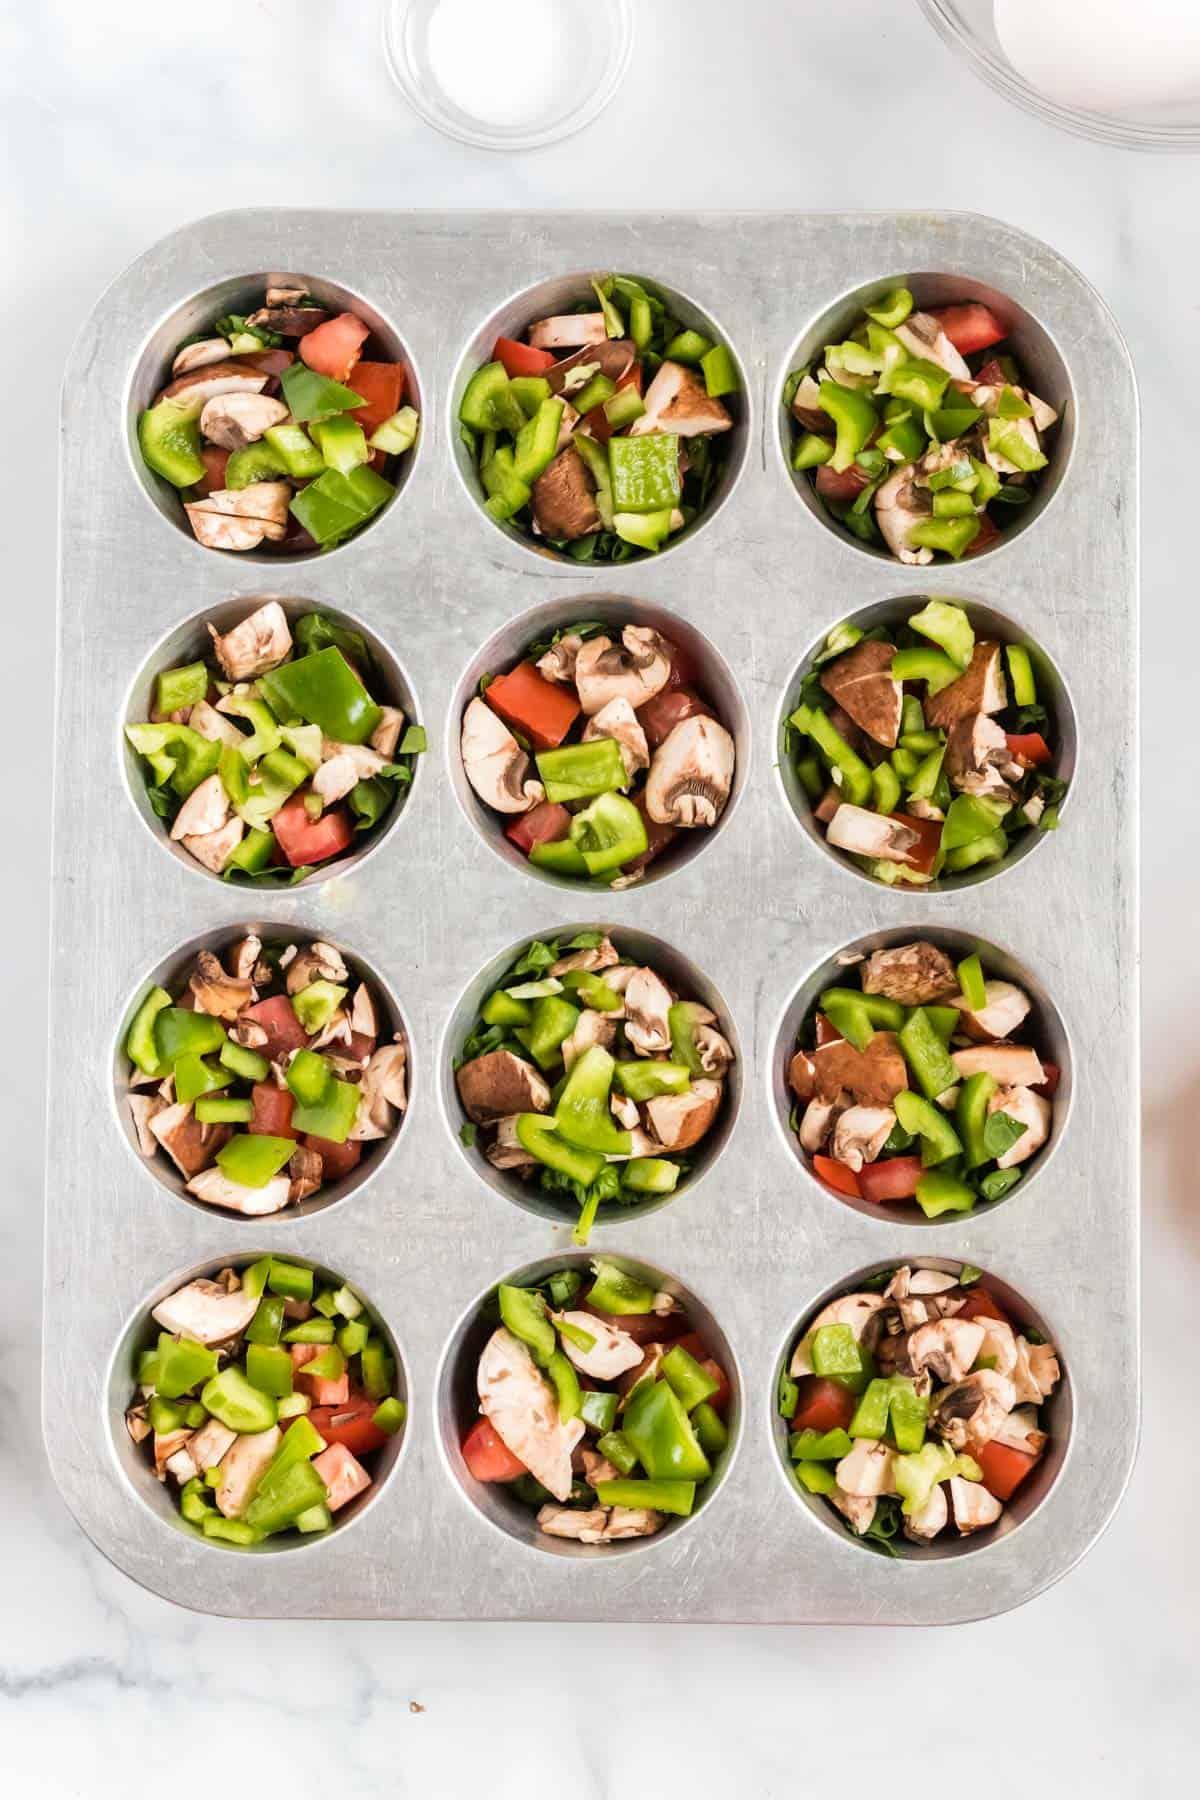 cut up veggies inside a muffin tin